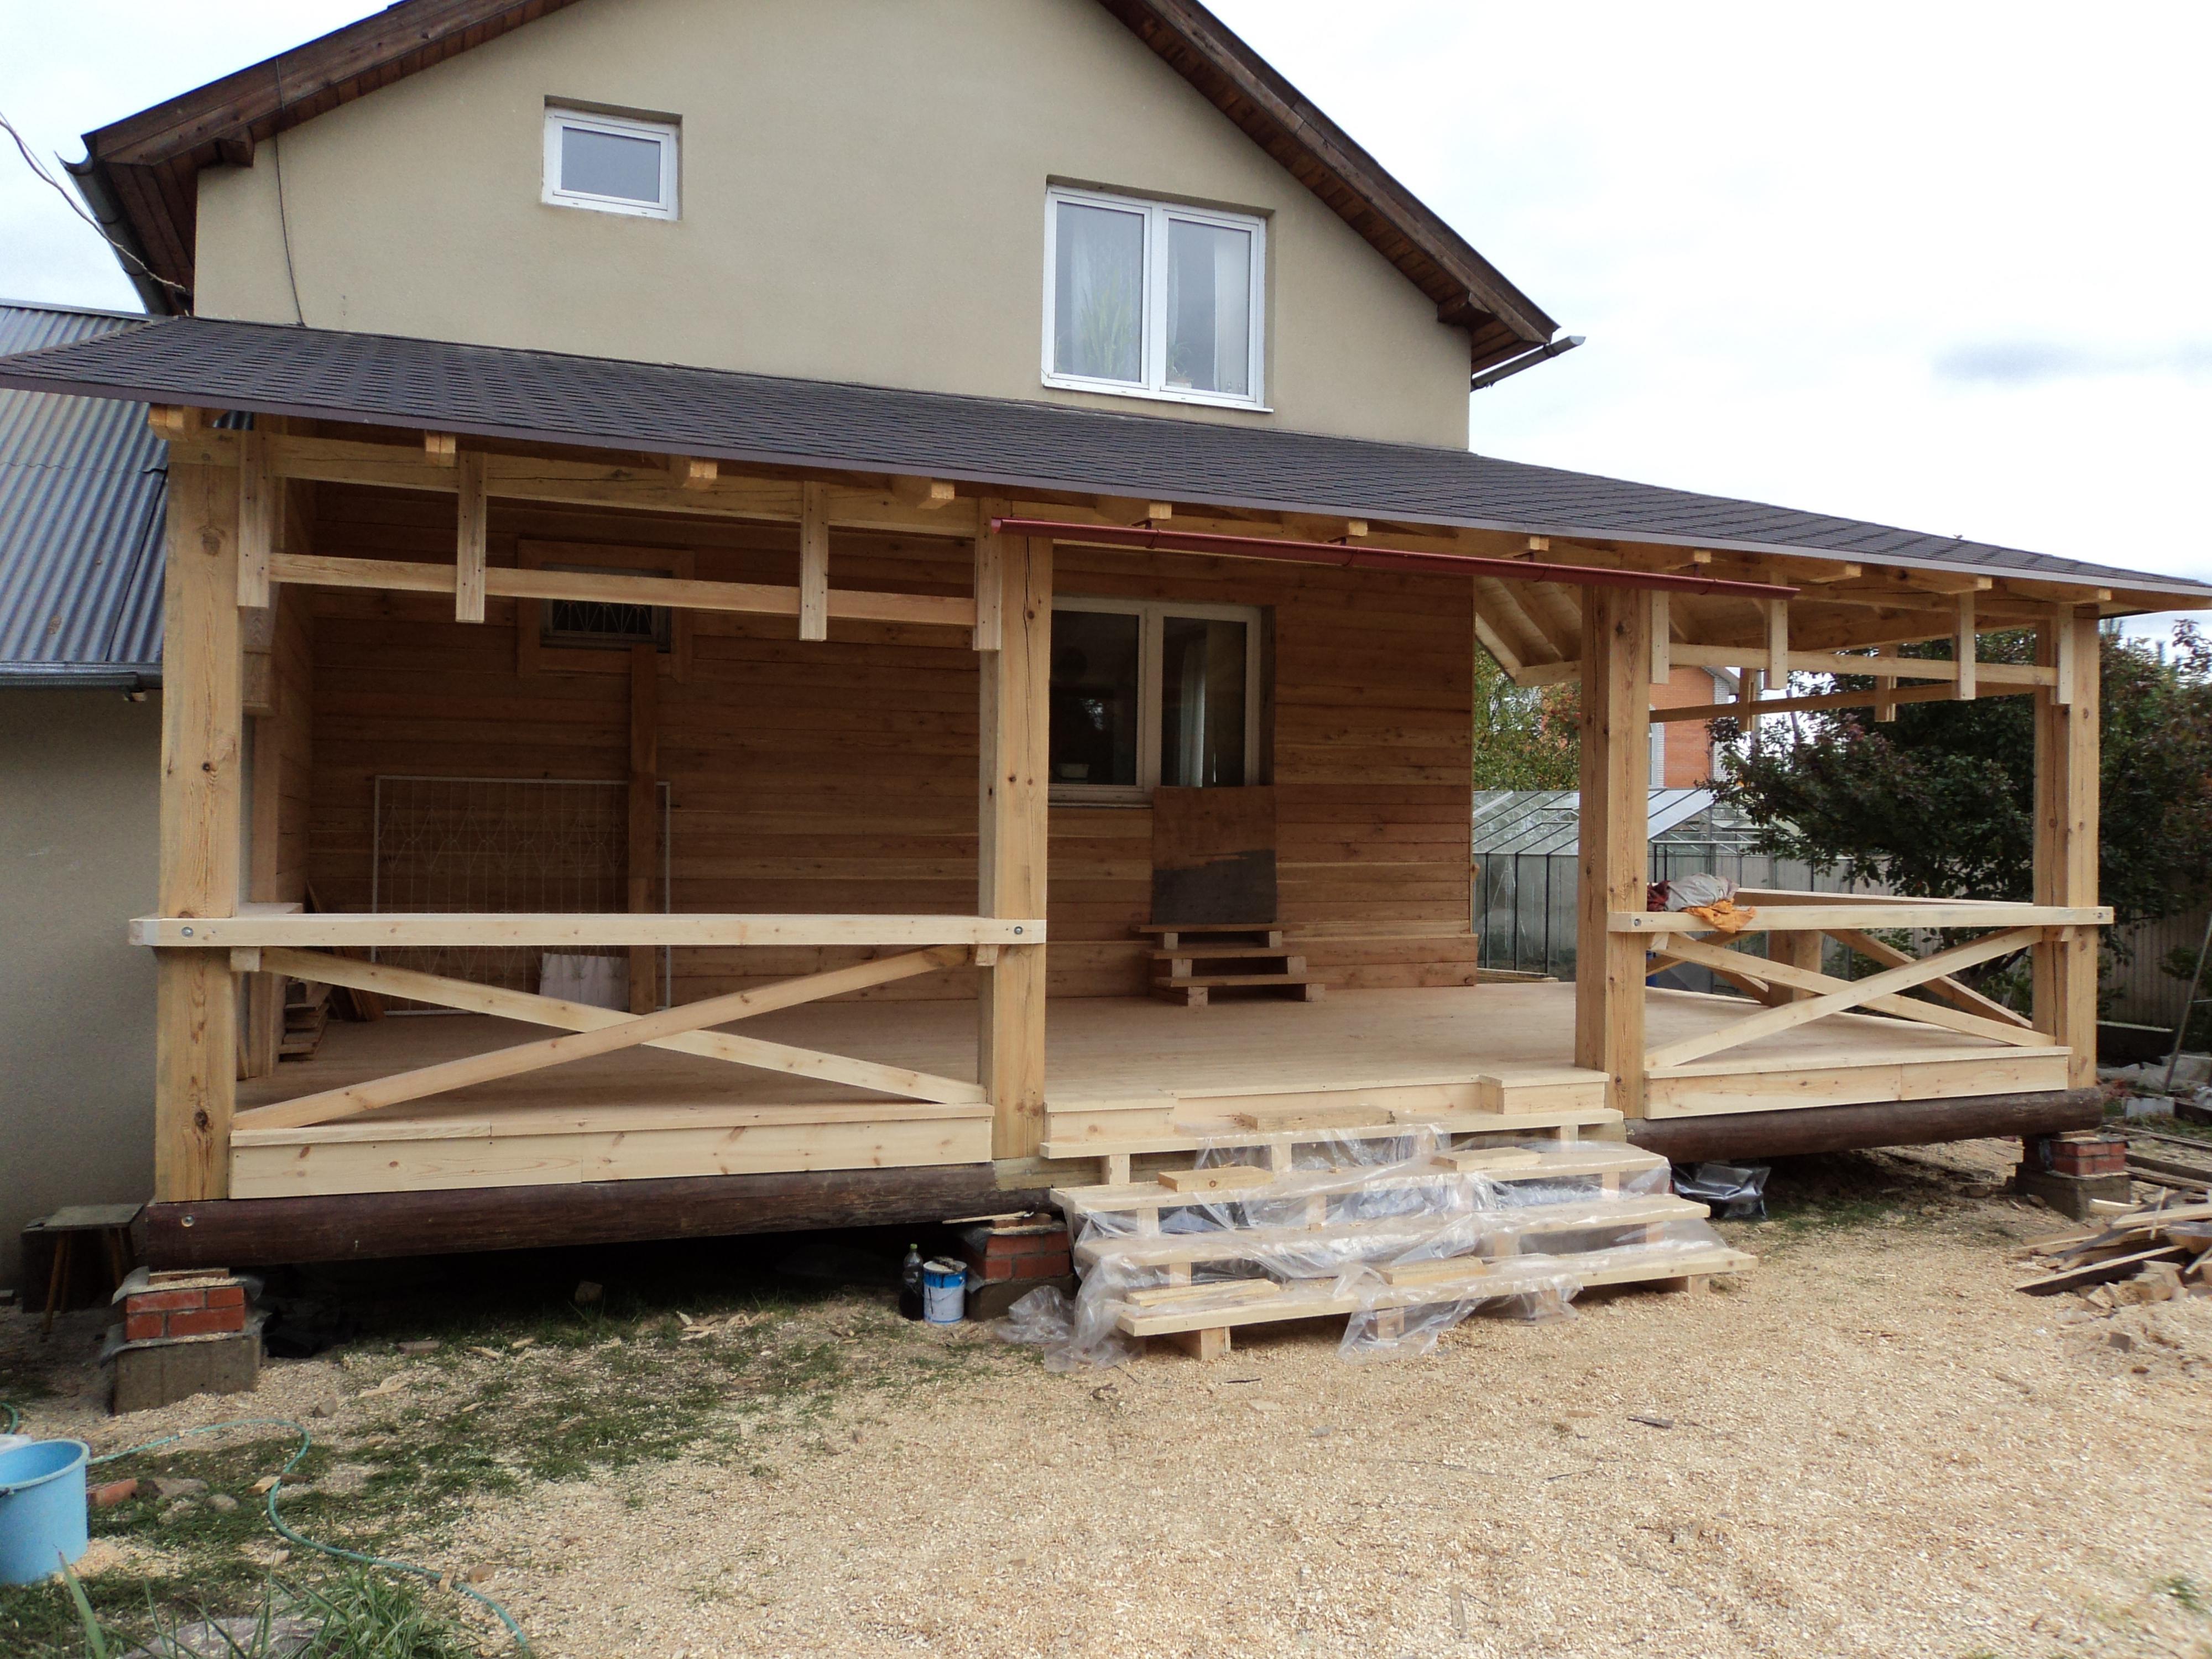 Prix veranda alu au m2 extension prix devis berck 62 - Extension de maison en bois prix au m2 ...